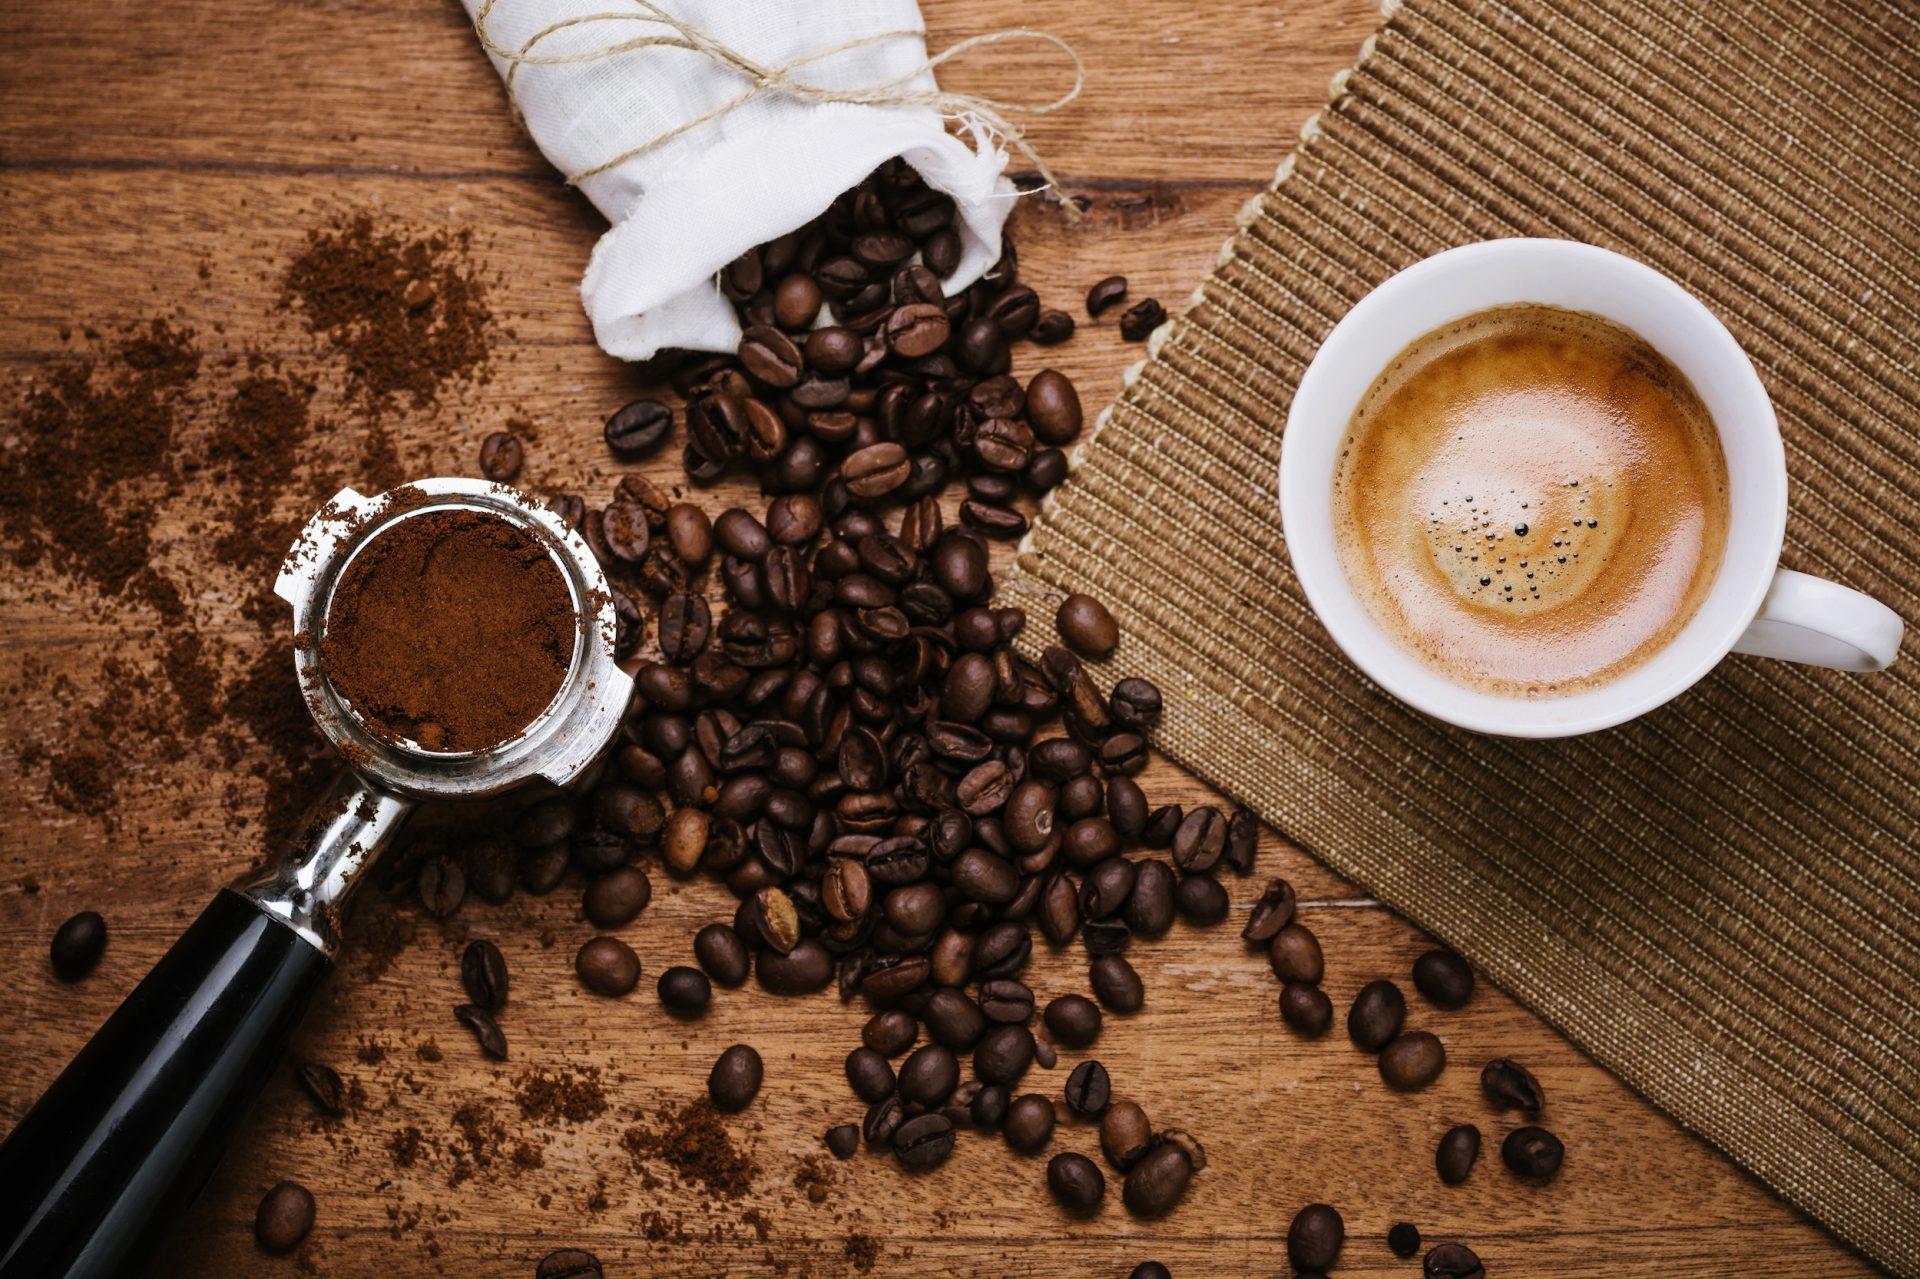 Espresso – The Italian